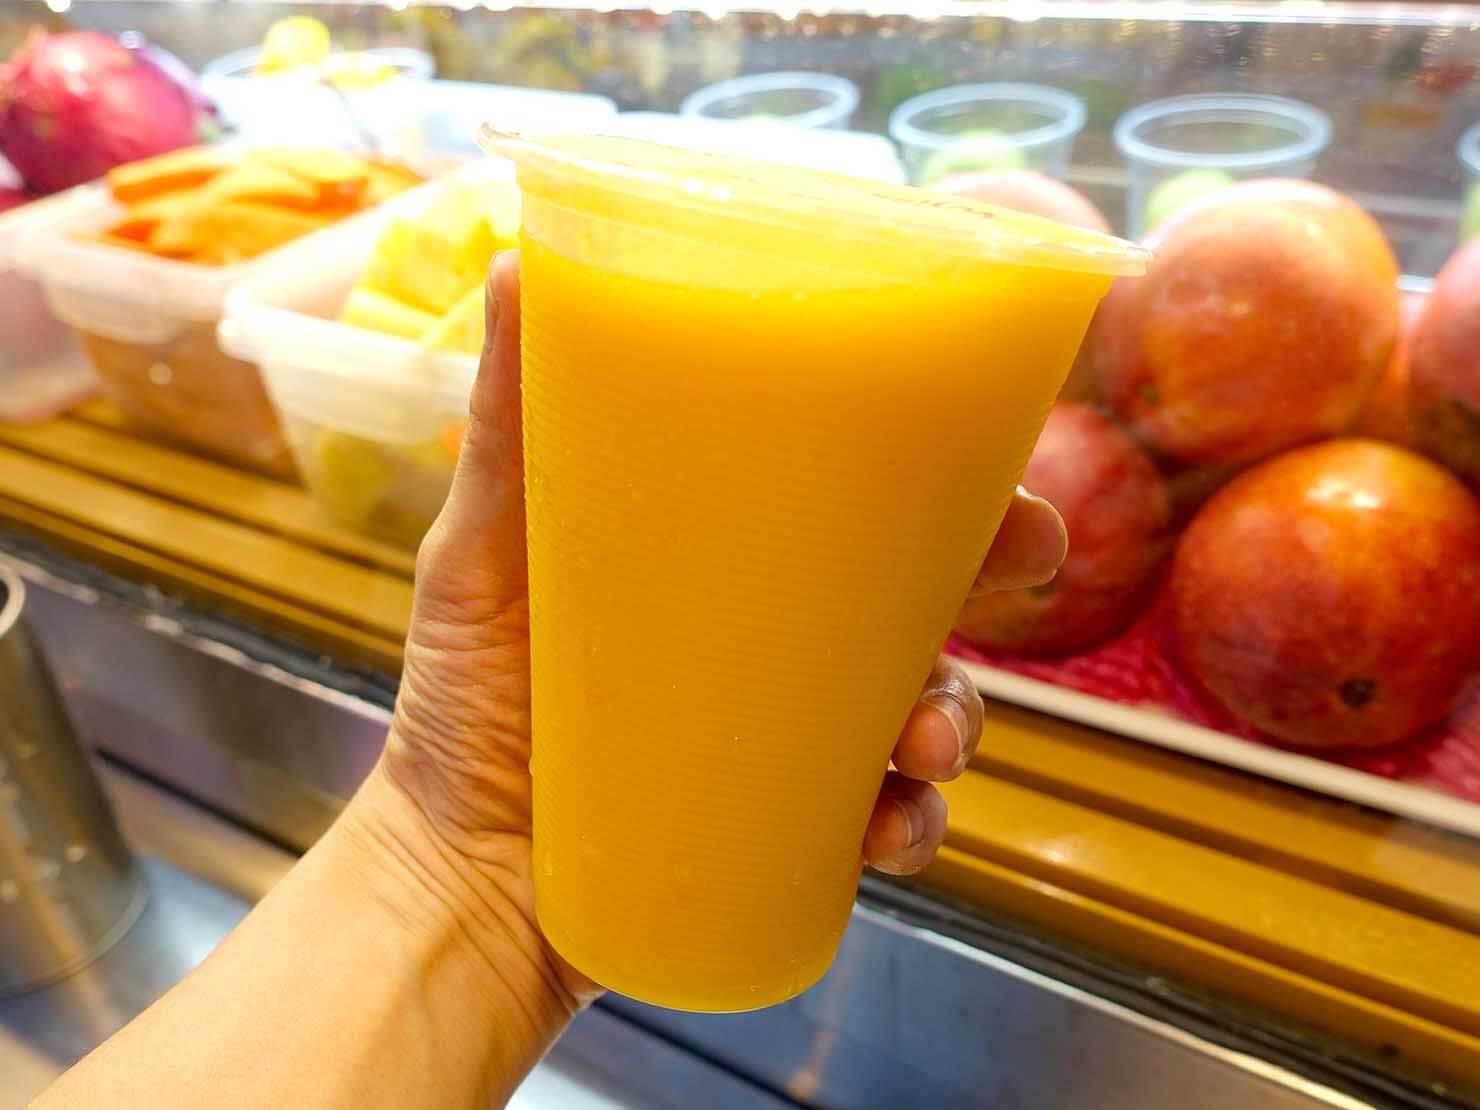 台北・遼寧街夜市のおすすめジューススタンド「祥好喝現打果汁專賣店」の芒果汁